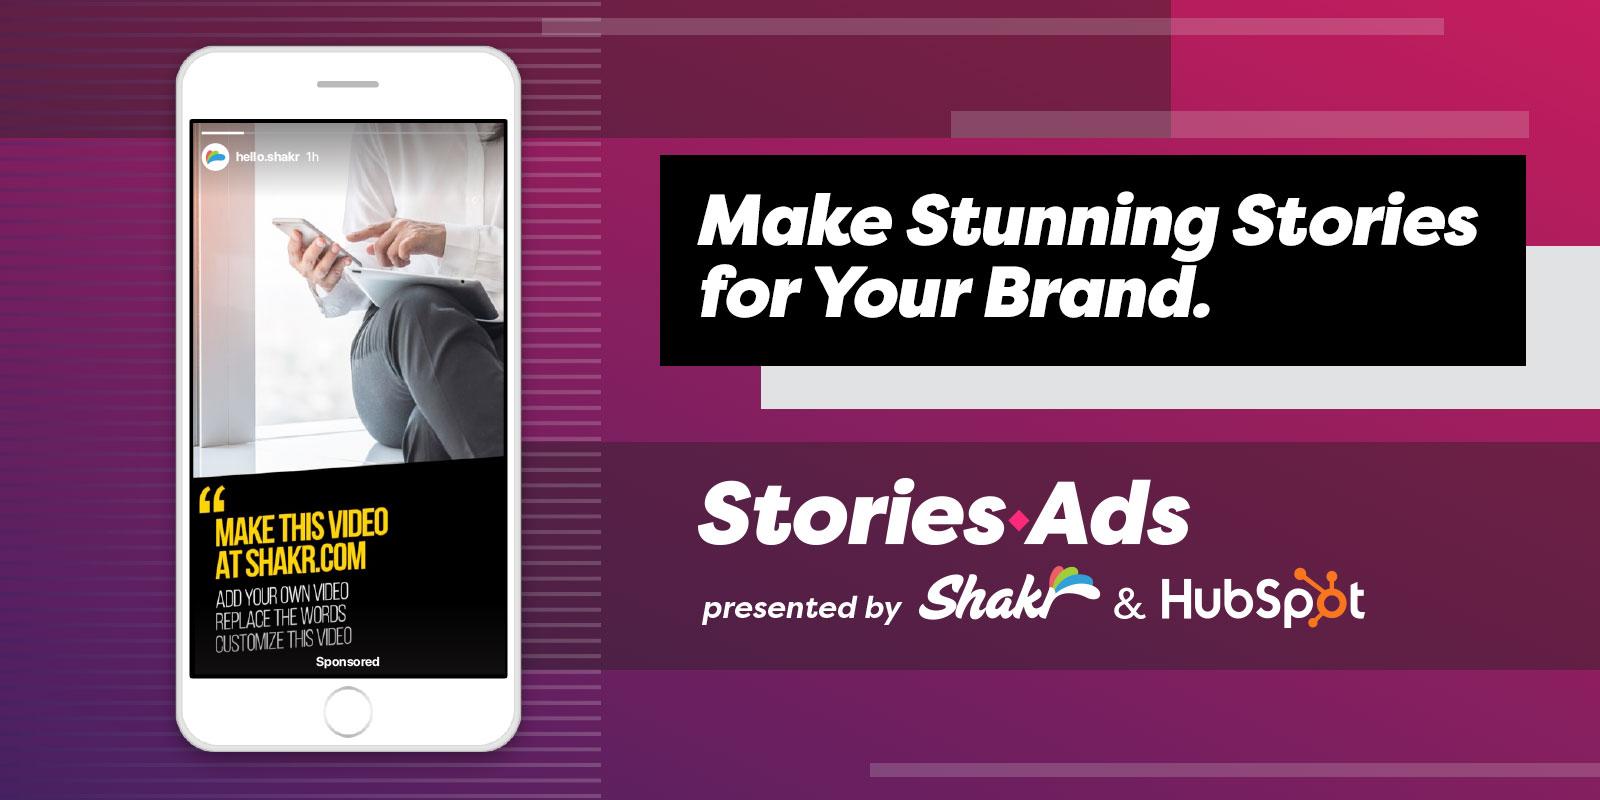 StoriesAds.com by HubSpot and Shakr